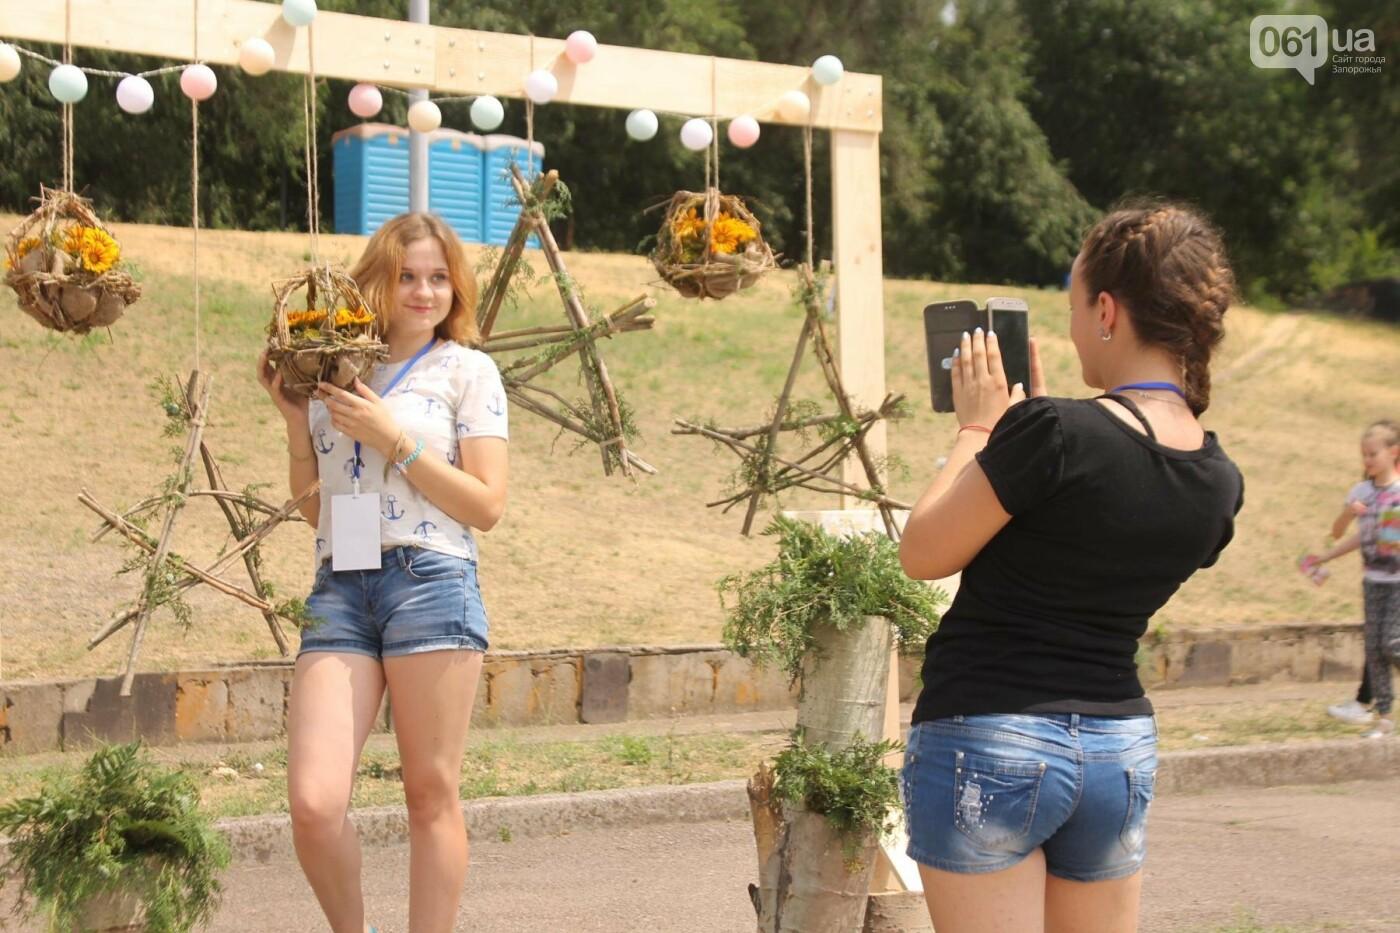 Фестиваль еды, концерты и развлечения: в Запорожье начался фестиваль ко Дню молодежи, – ФОТОРЕПОРТАЖ, фото-18